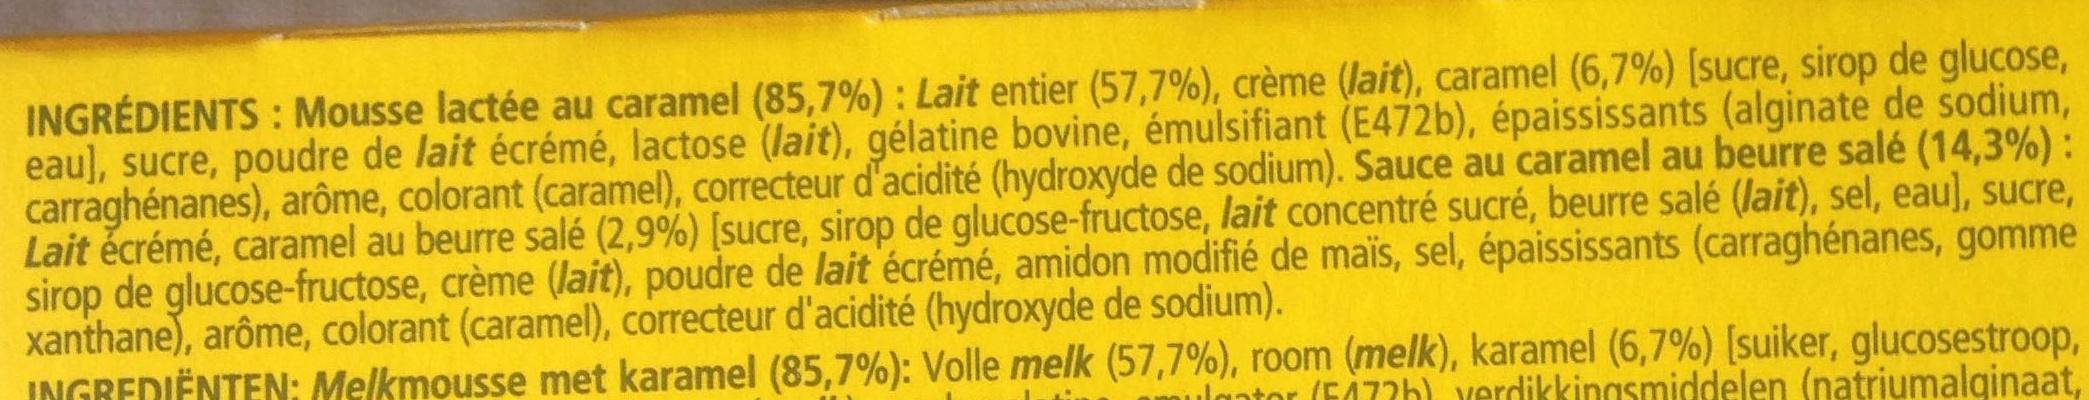 Secret de Mousse Caramel Beurre Salé - Ingredients